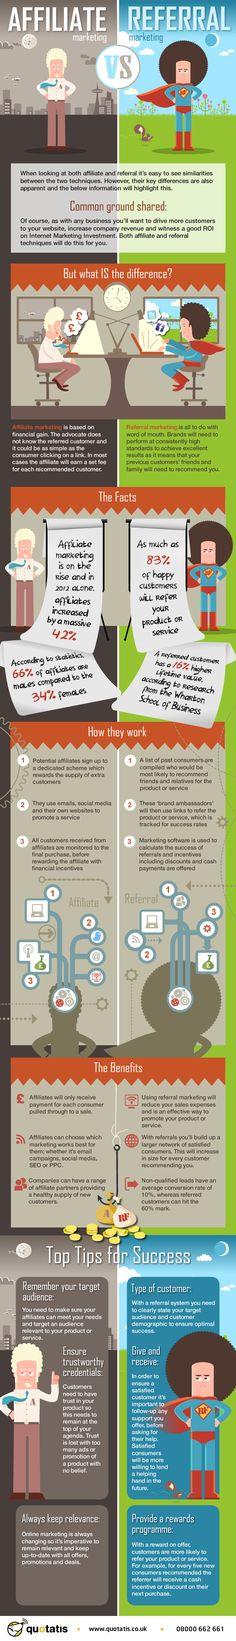 Marketing de afiliación vs marketing de referencia